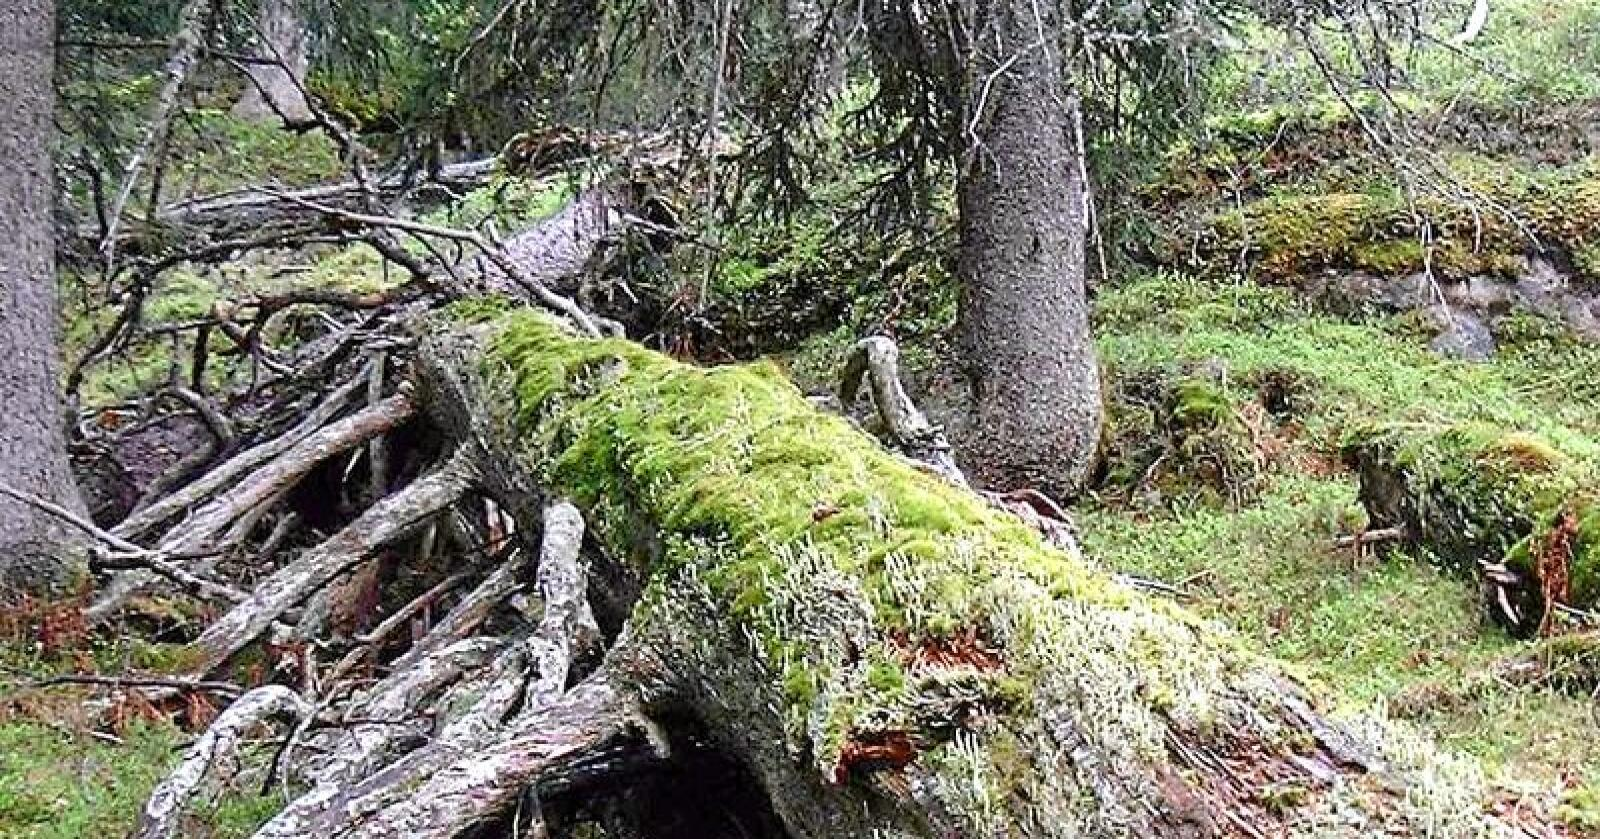 Livgivende: Det blir flere døde trær i skogen, i alle alderskategorier. Disse er viktige for artsmangfoldet. Foto: Naturvernforbundet